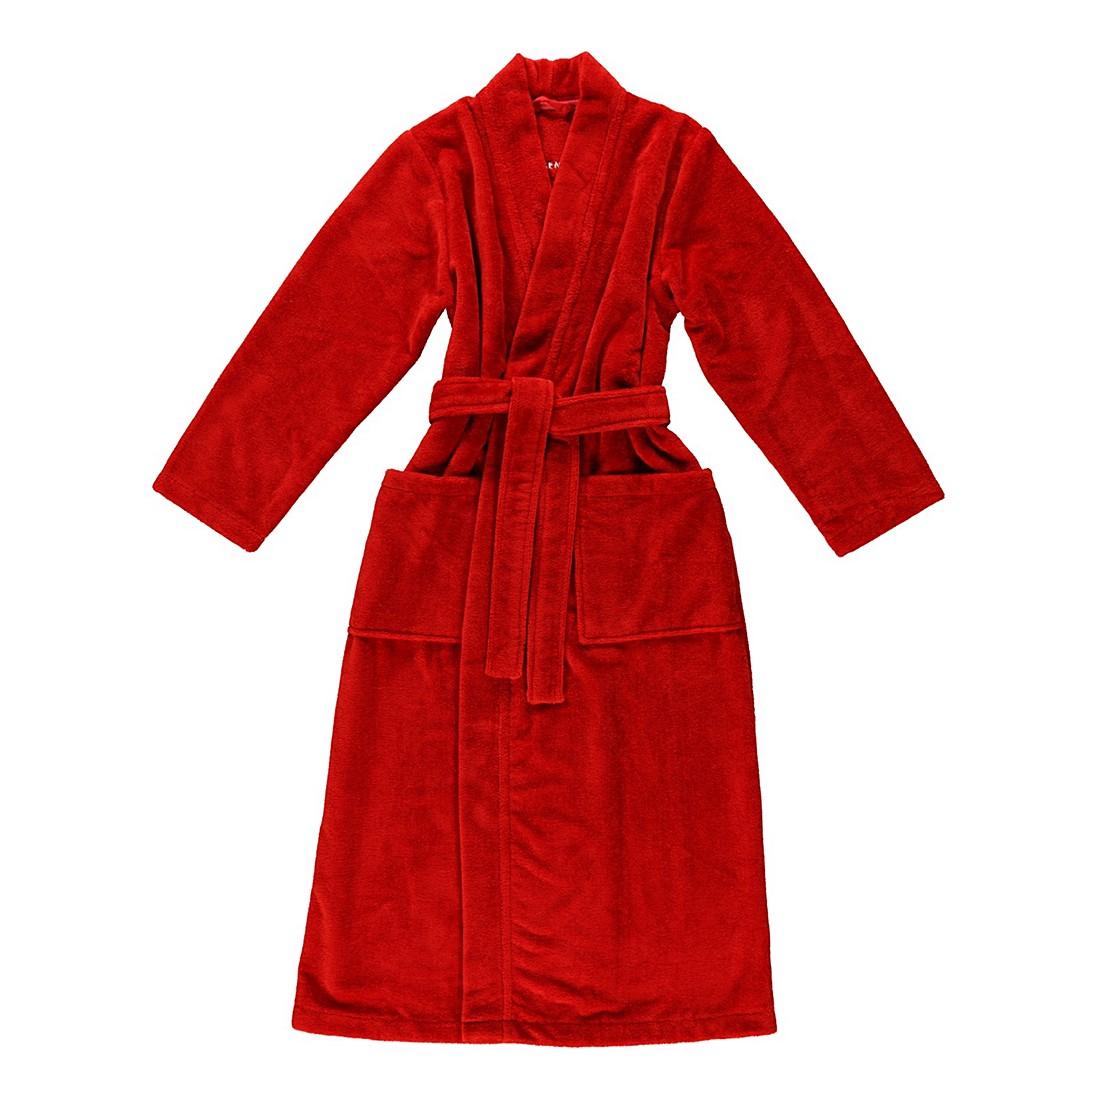 Bademantel Eva – Damen – Multifaser – 40% Polyester – 30% Baumwolle – 30% Viskose Rot – Größe: L, Morgenstern online kaufen